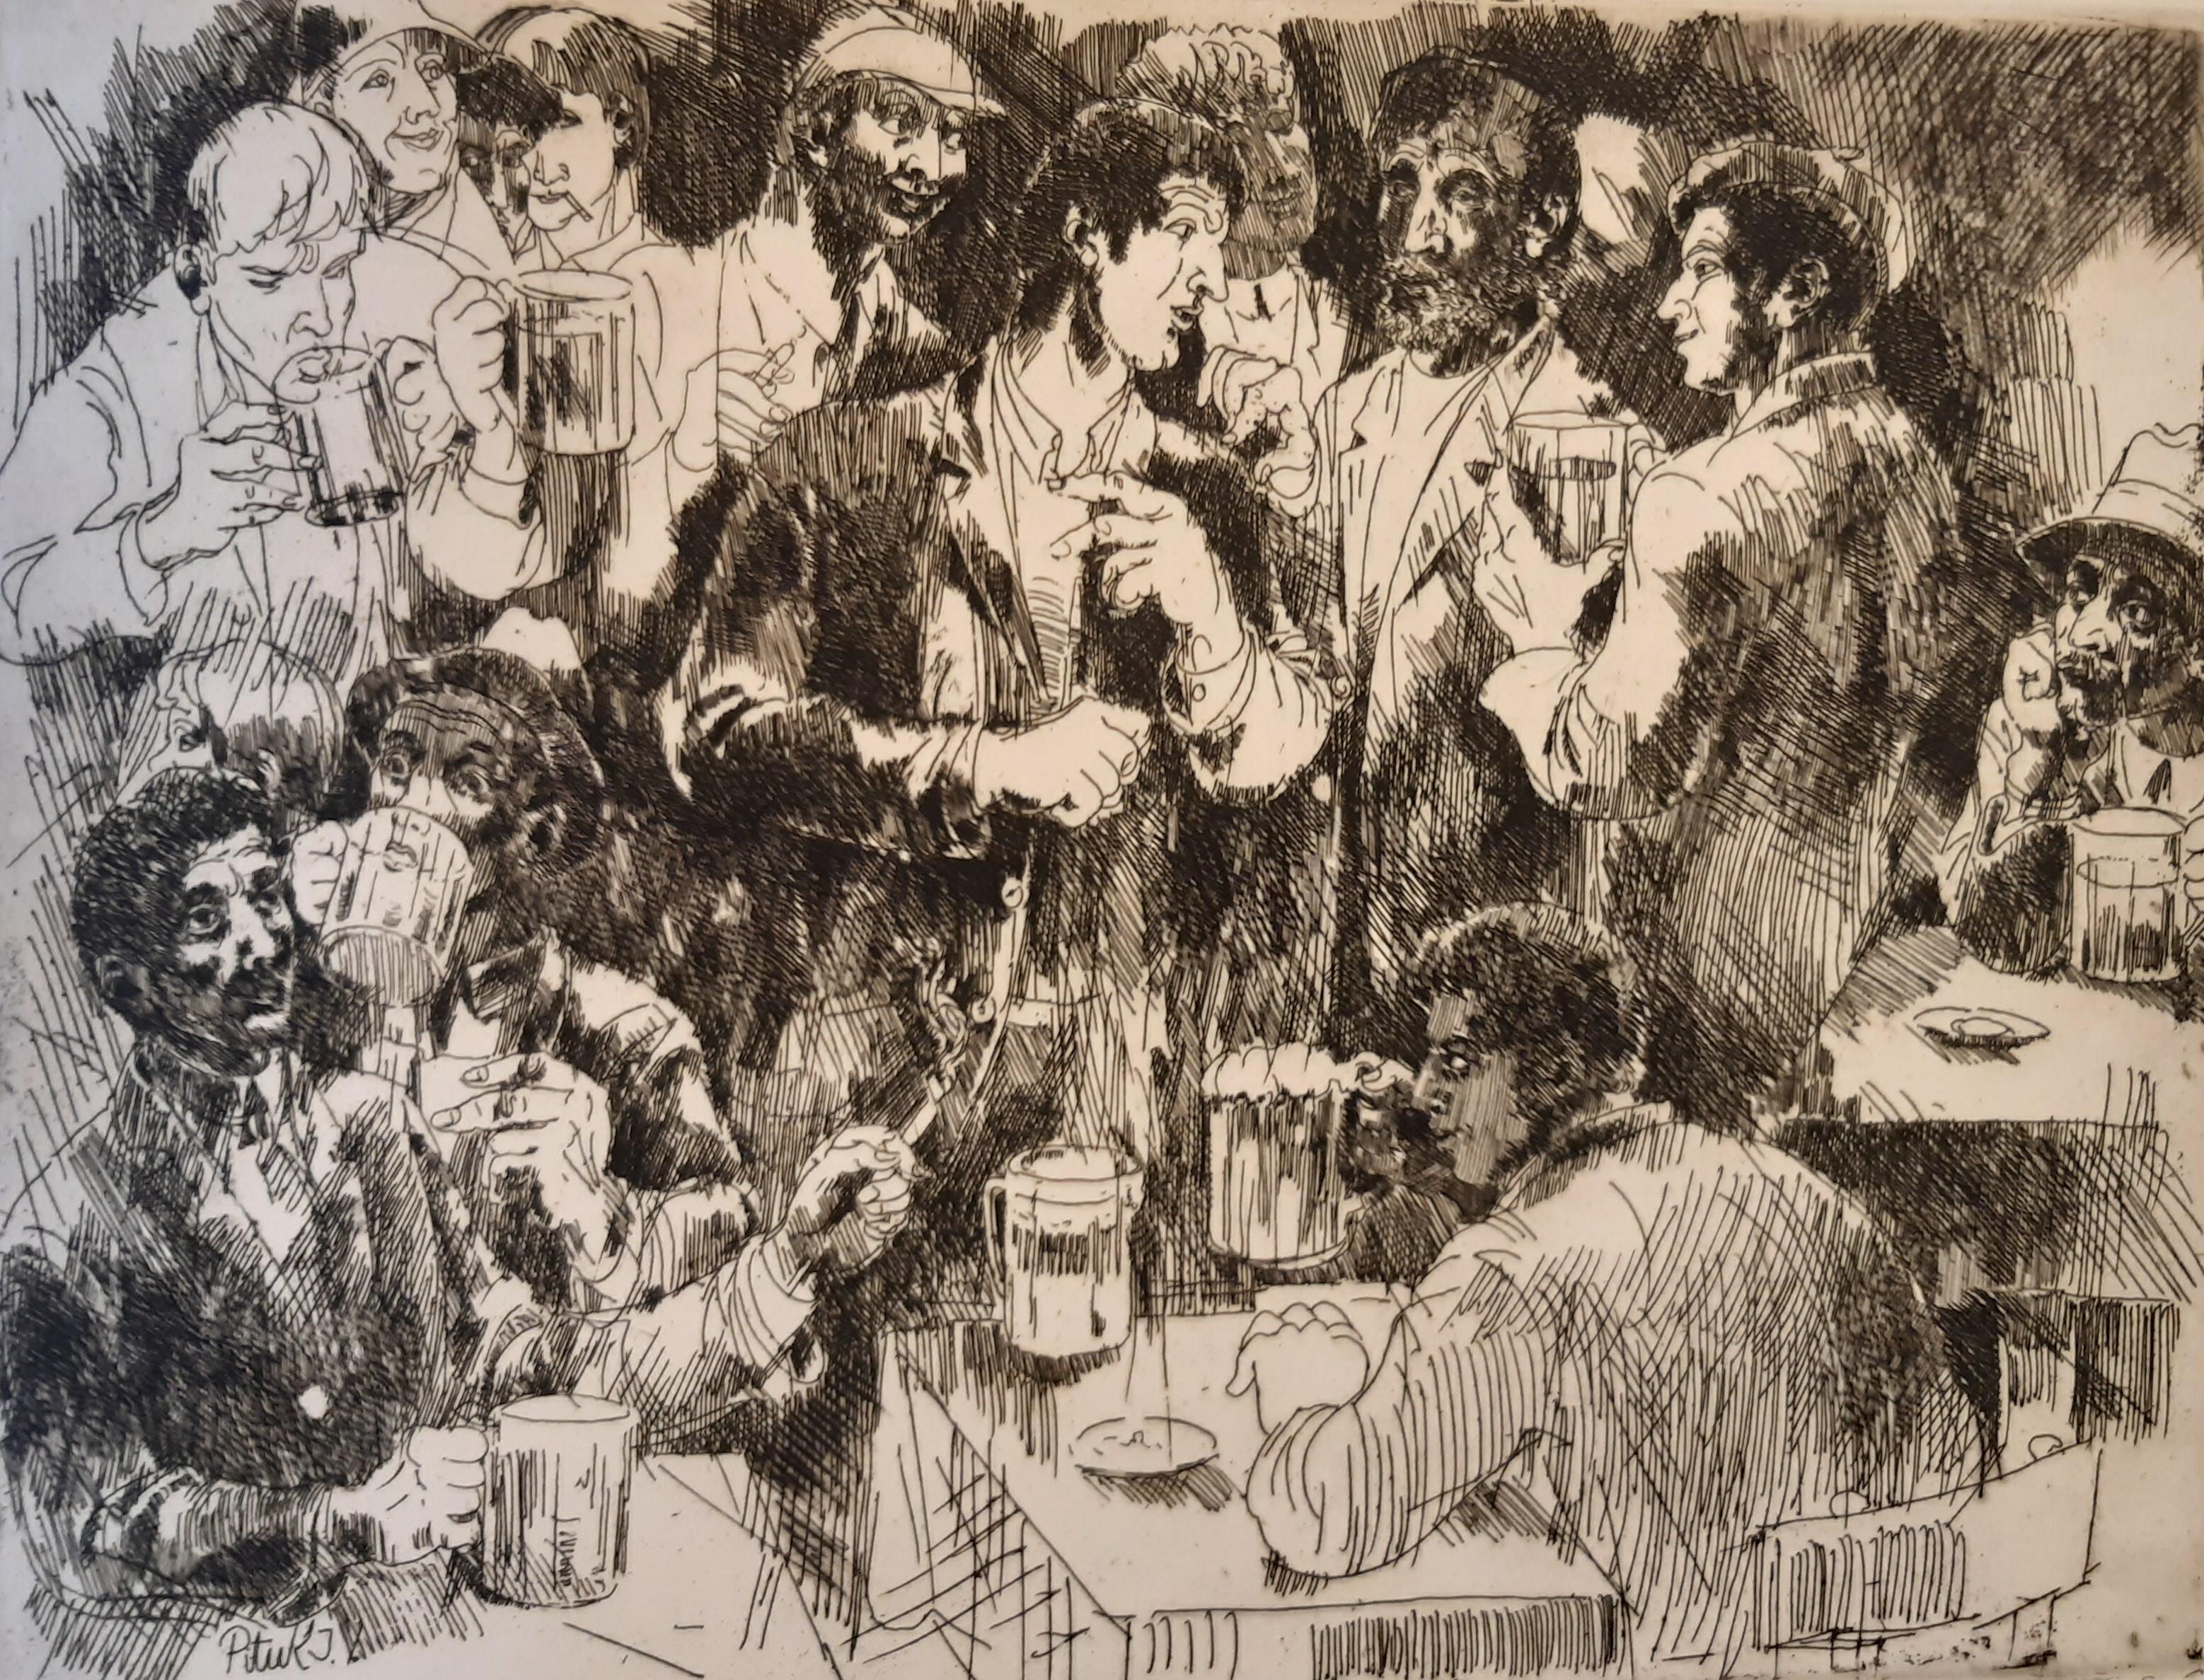 Pituk, József V.: In the pub